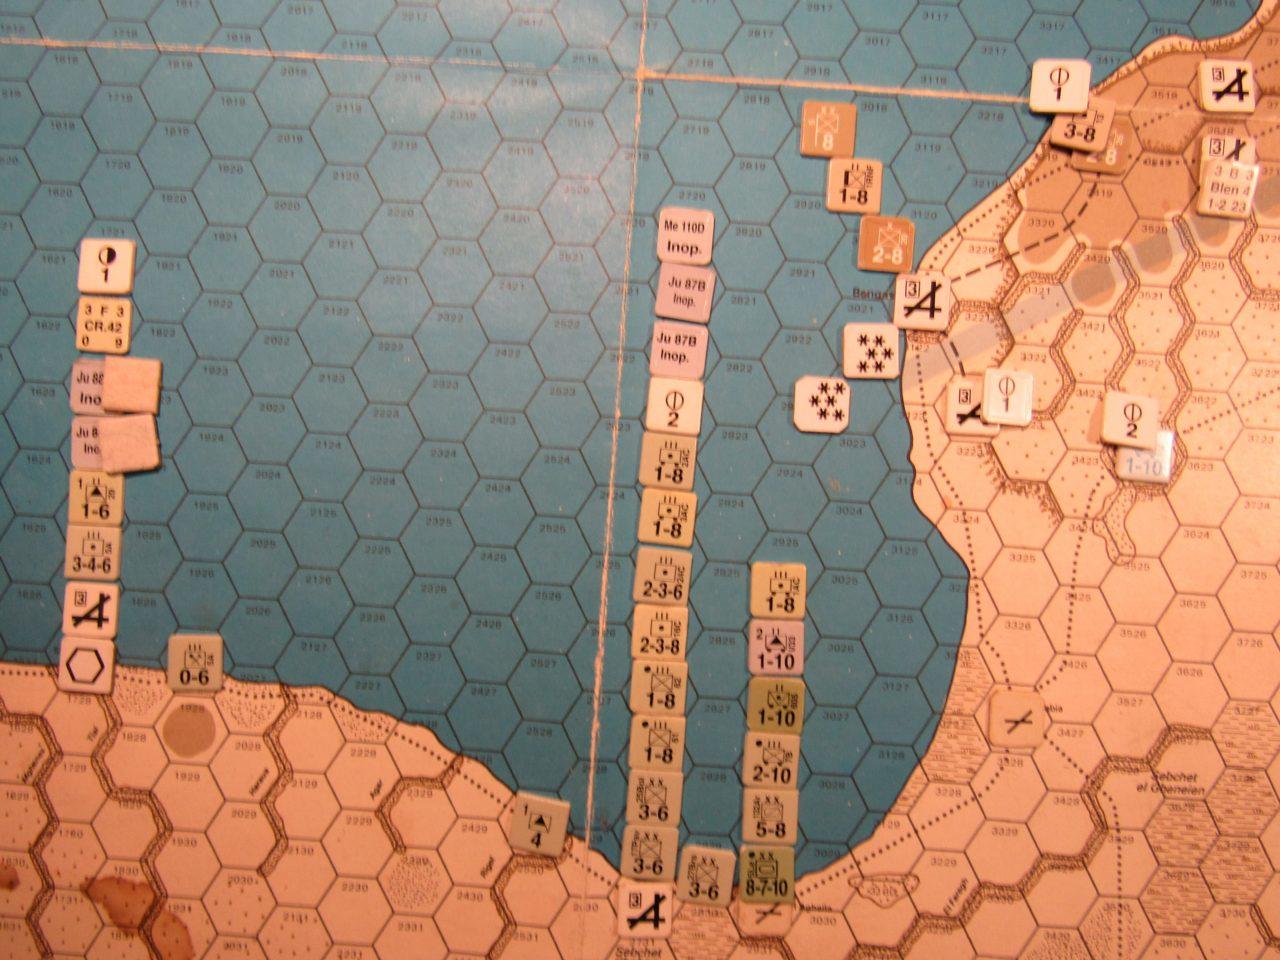 WW ME/ER-II/Crete Scenario